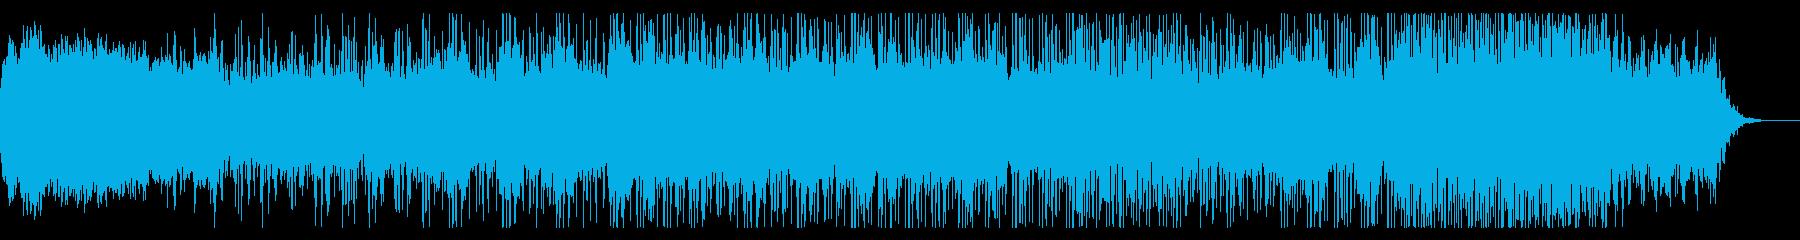 ミステリアスなアンビエントIDMの再生済みの波形